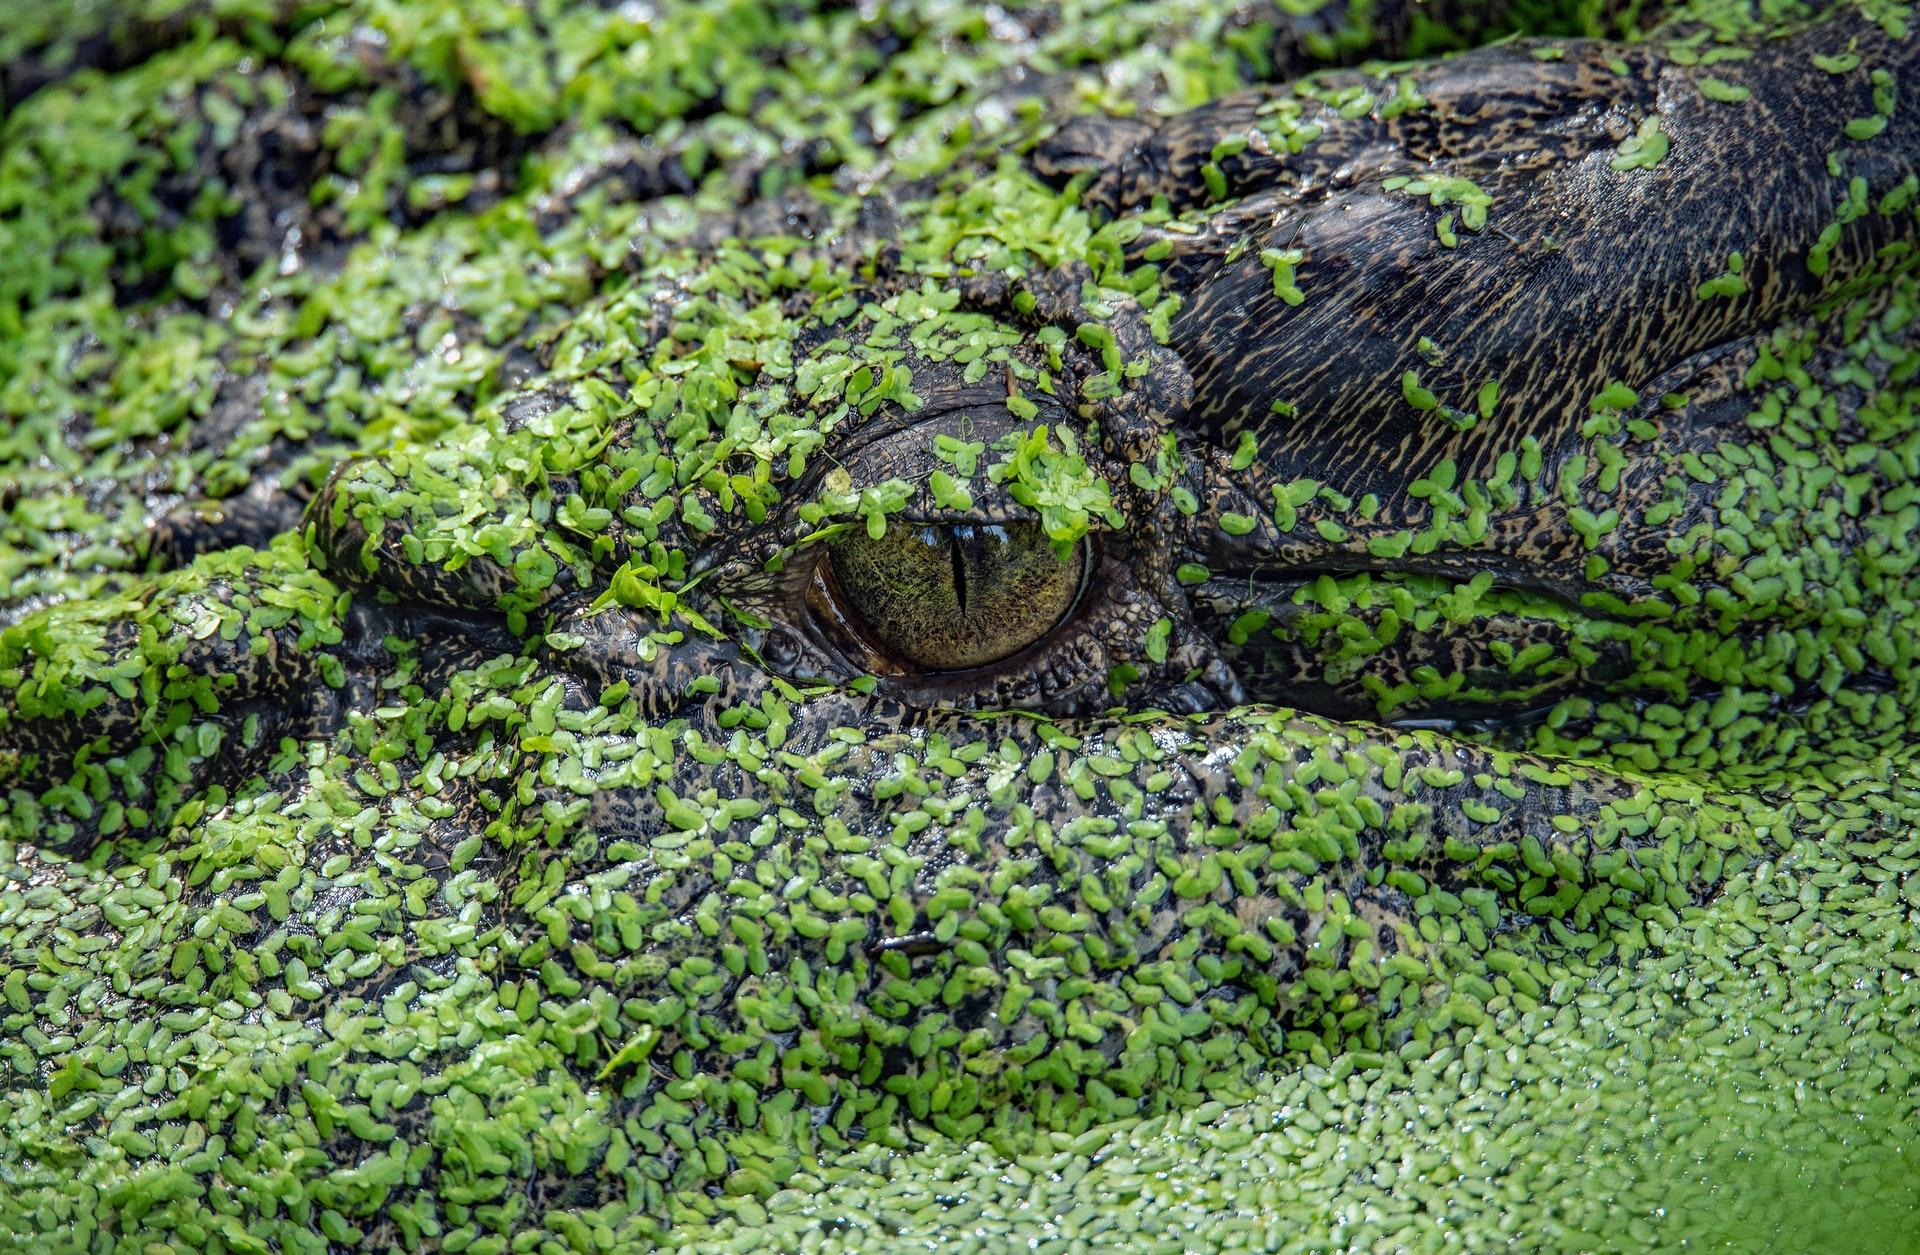 Crocodile david-clode-3udd_NEmgDs-unsplash